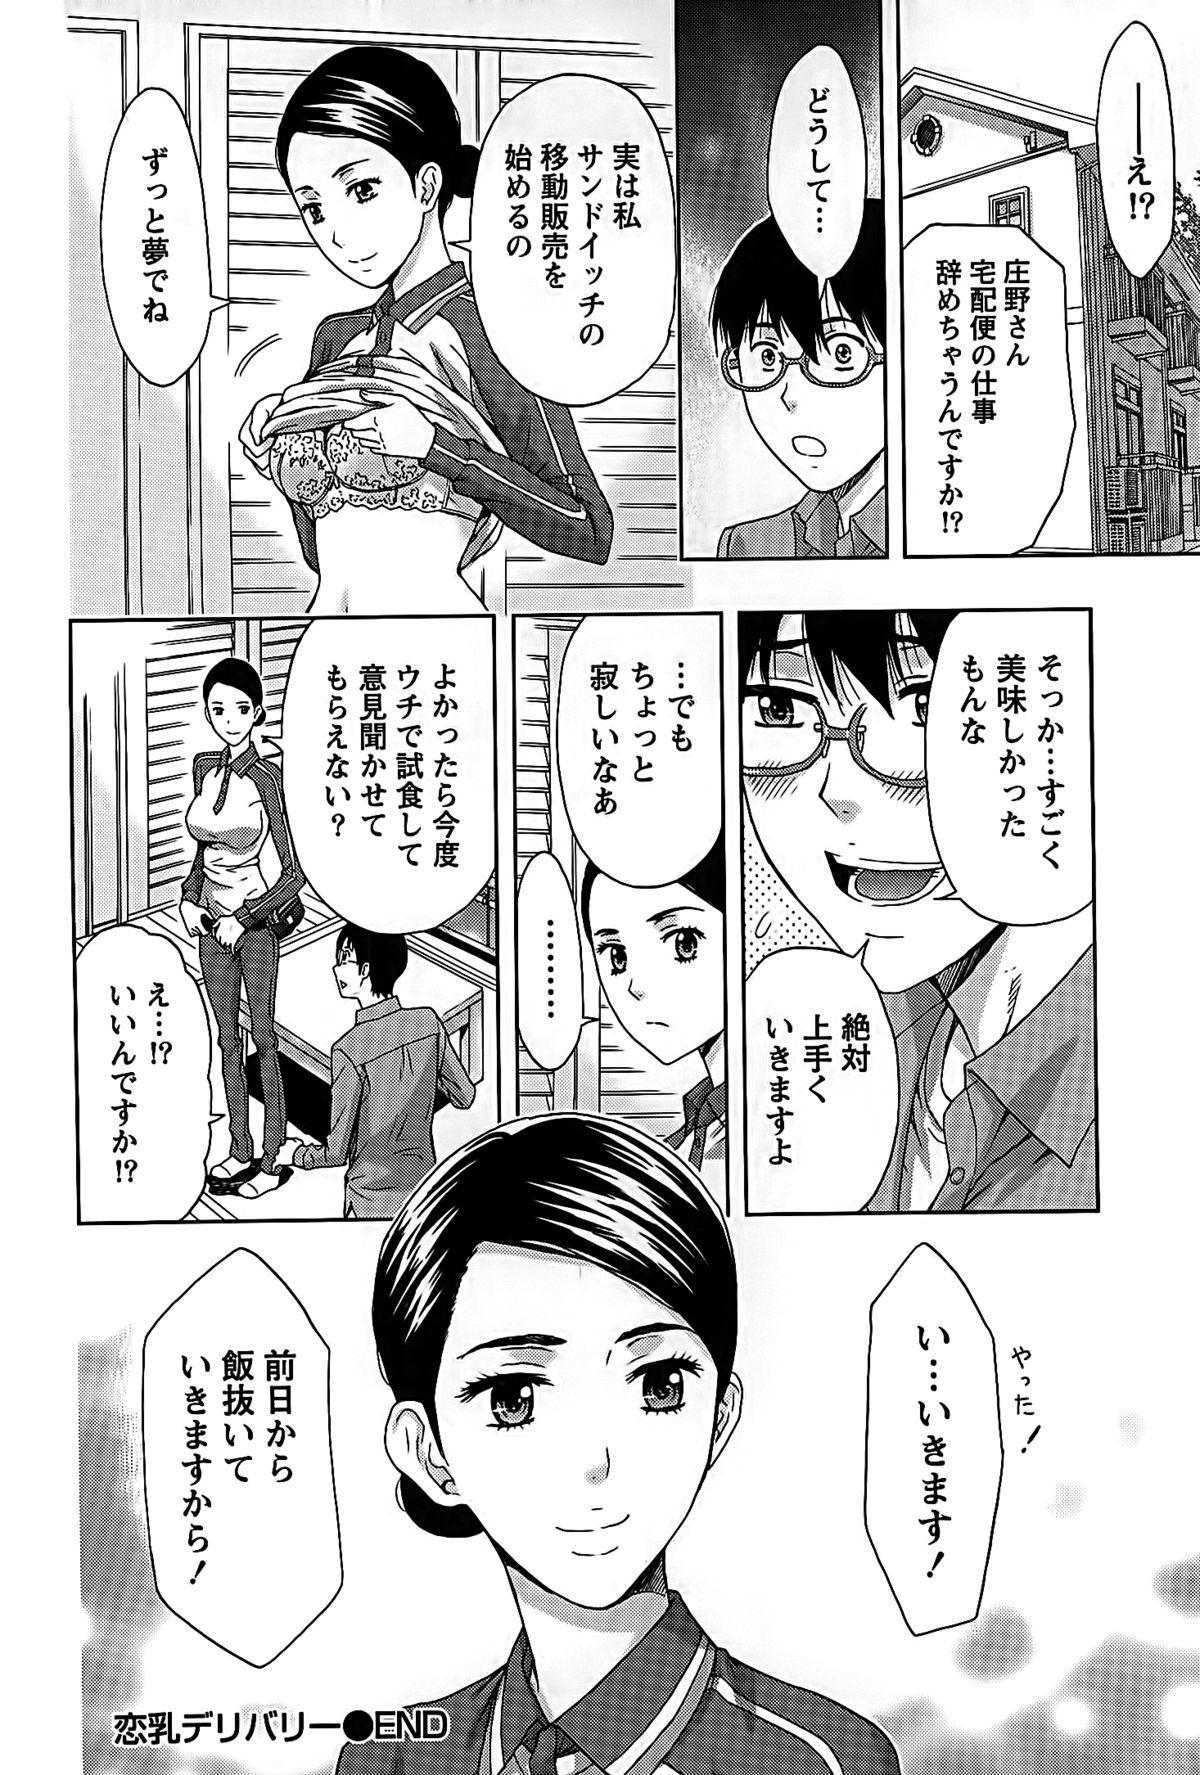 Shittori Lady to Amai Mitsu 65